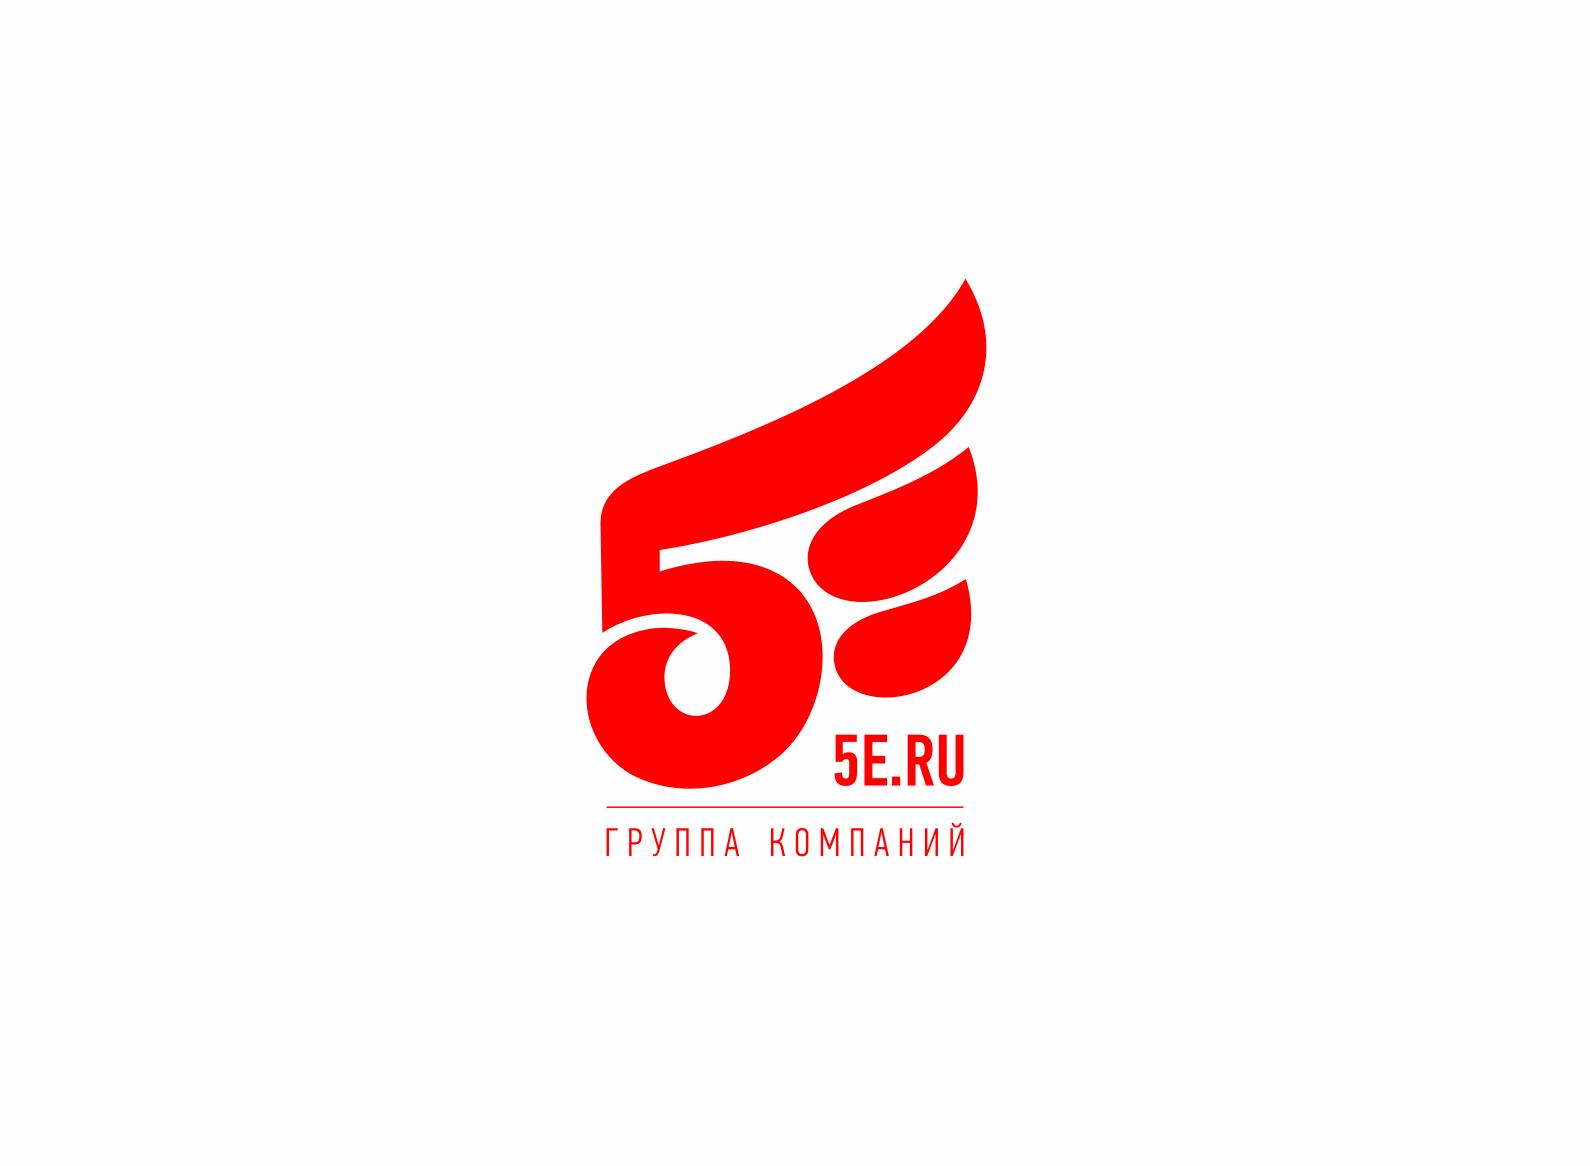 Нарисовать логотип для группы компаний  фото f_5095cdccc913cd50.png